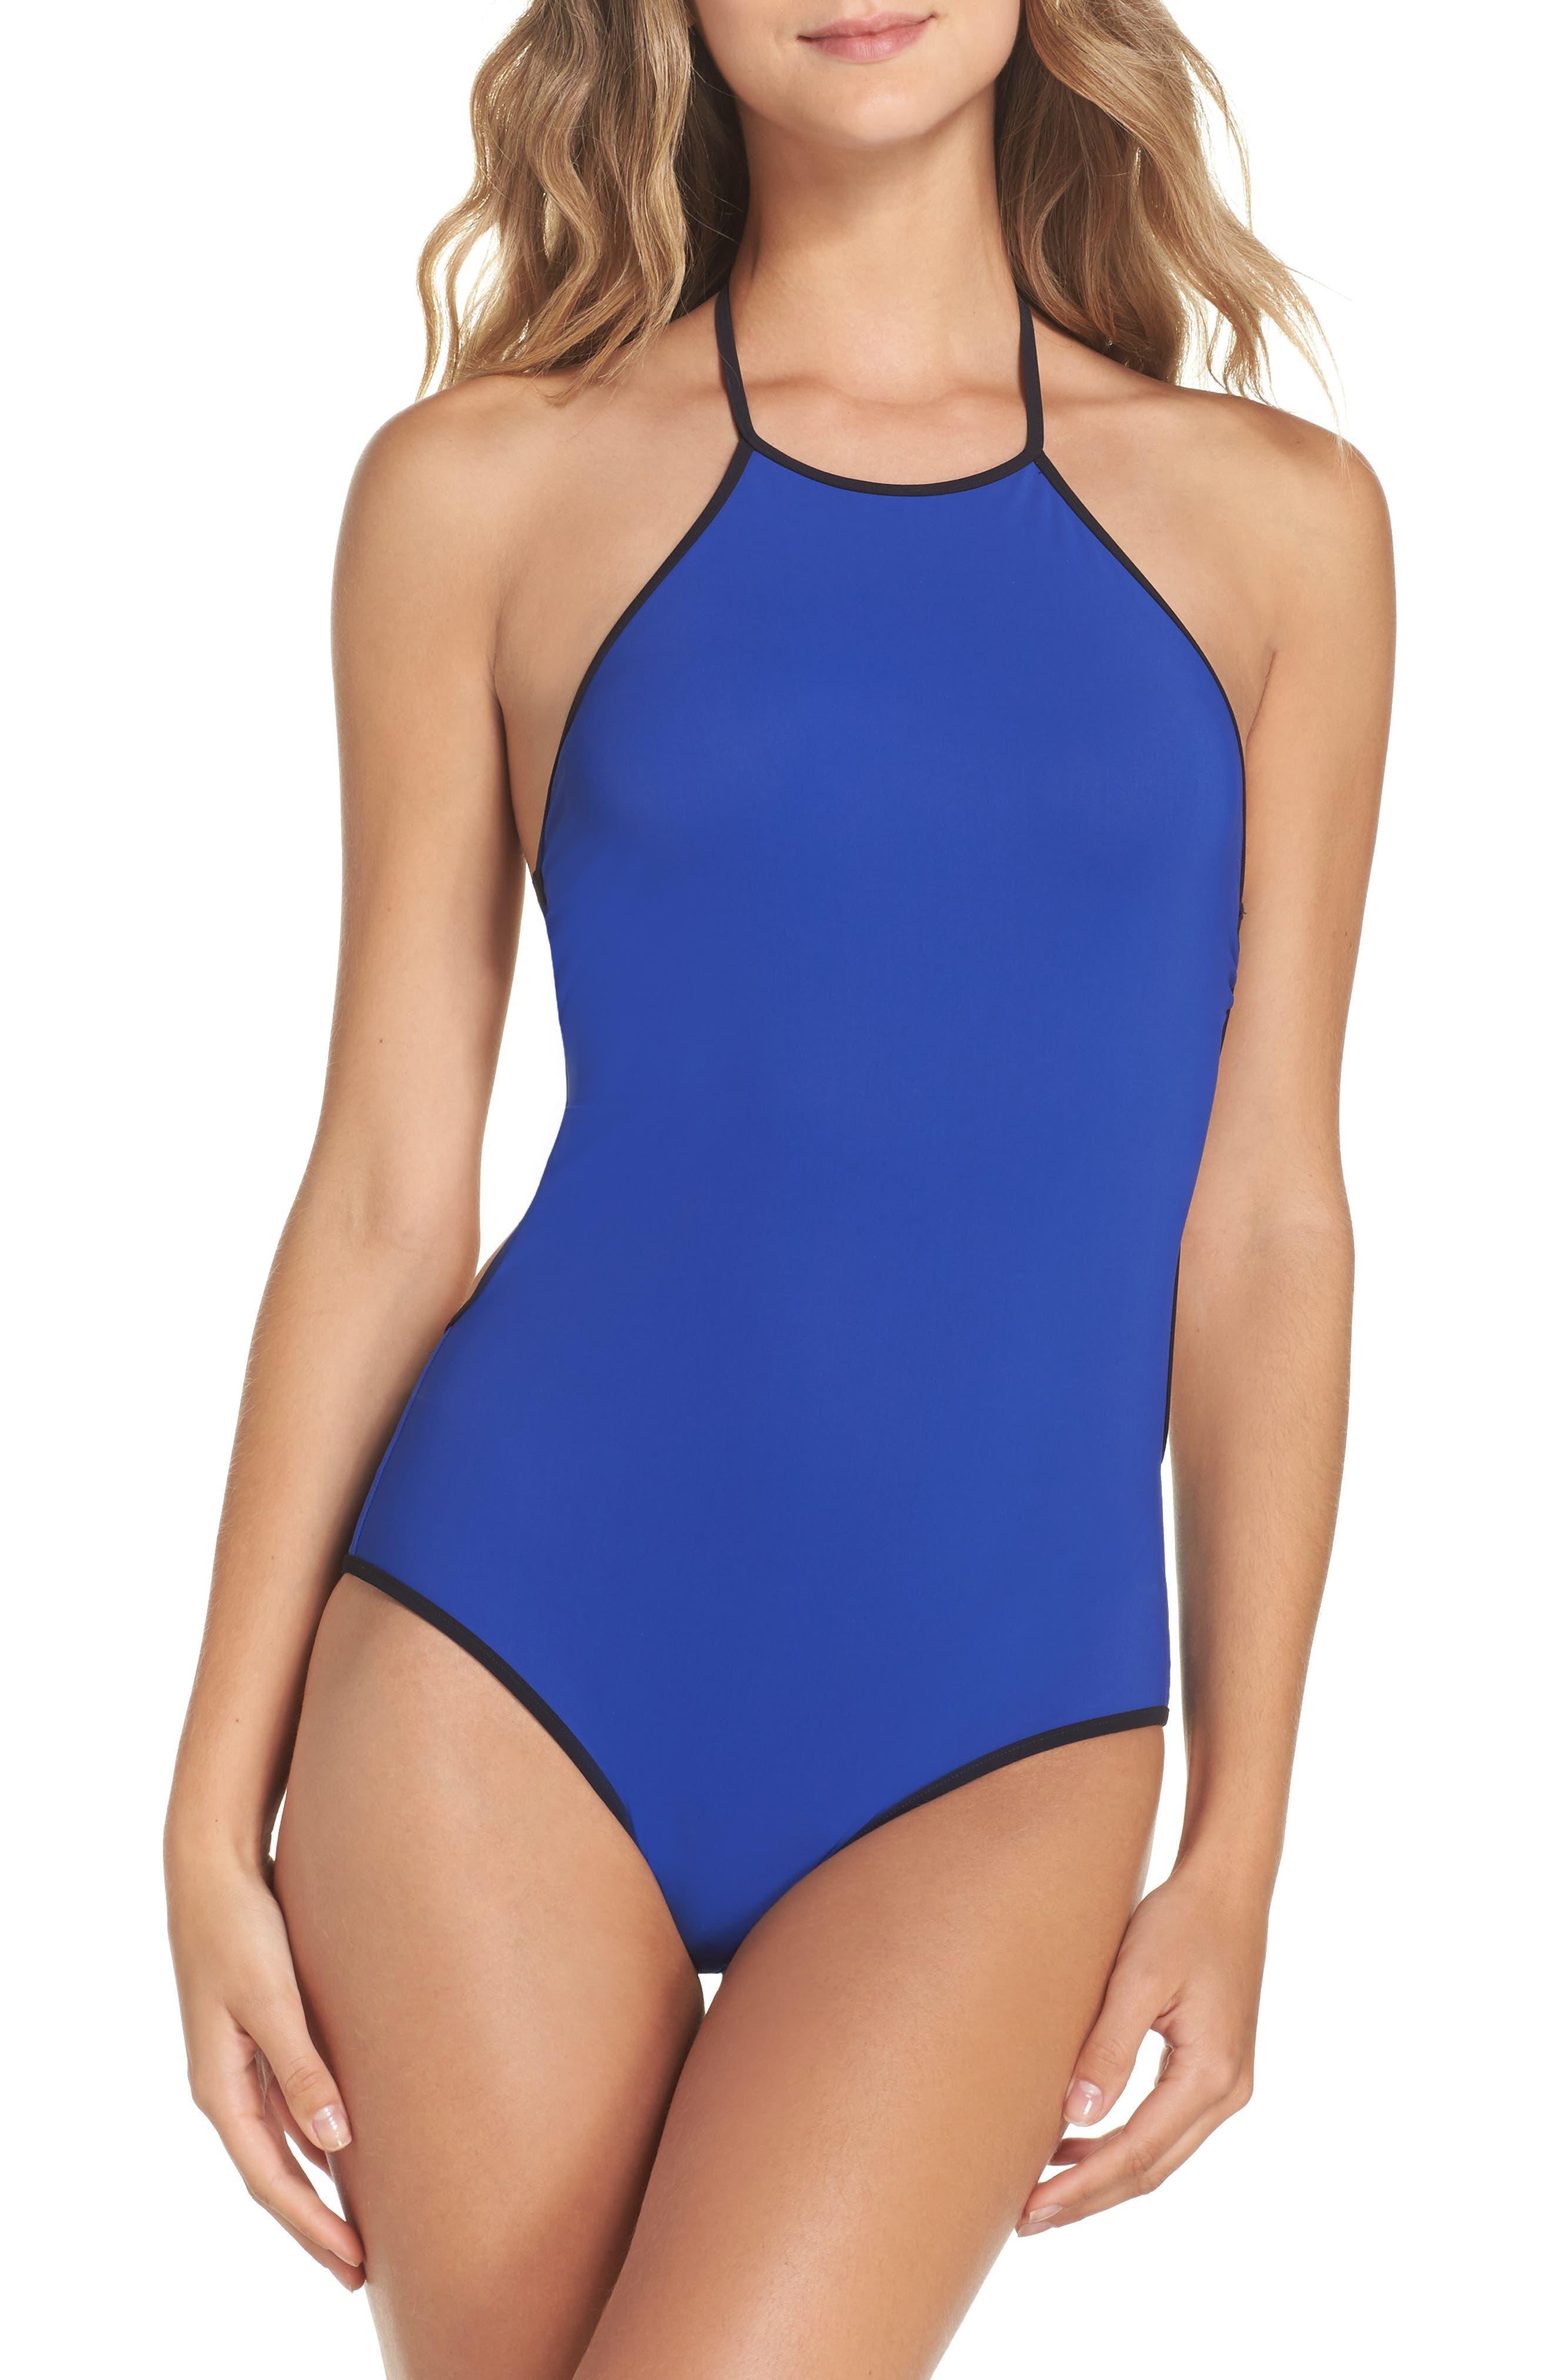 Halter One-Piece Swimsuit,                             Main thumbnail 1, color,                             Klein Blue